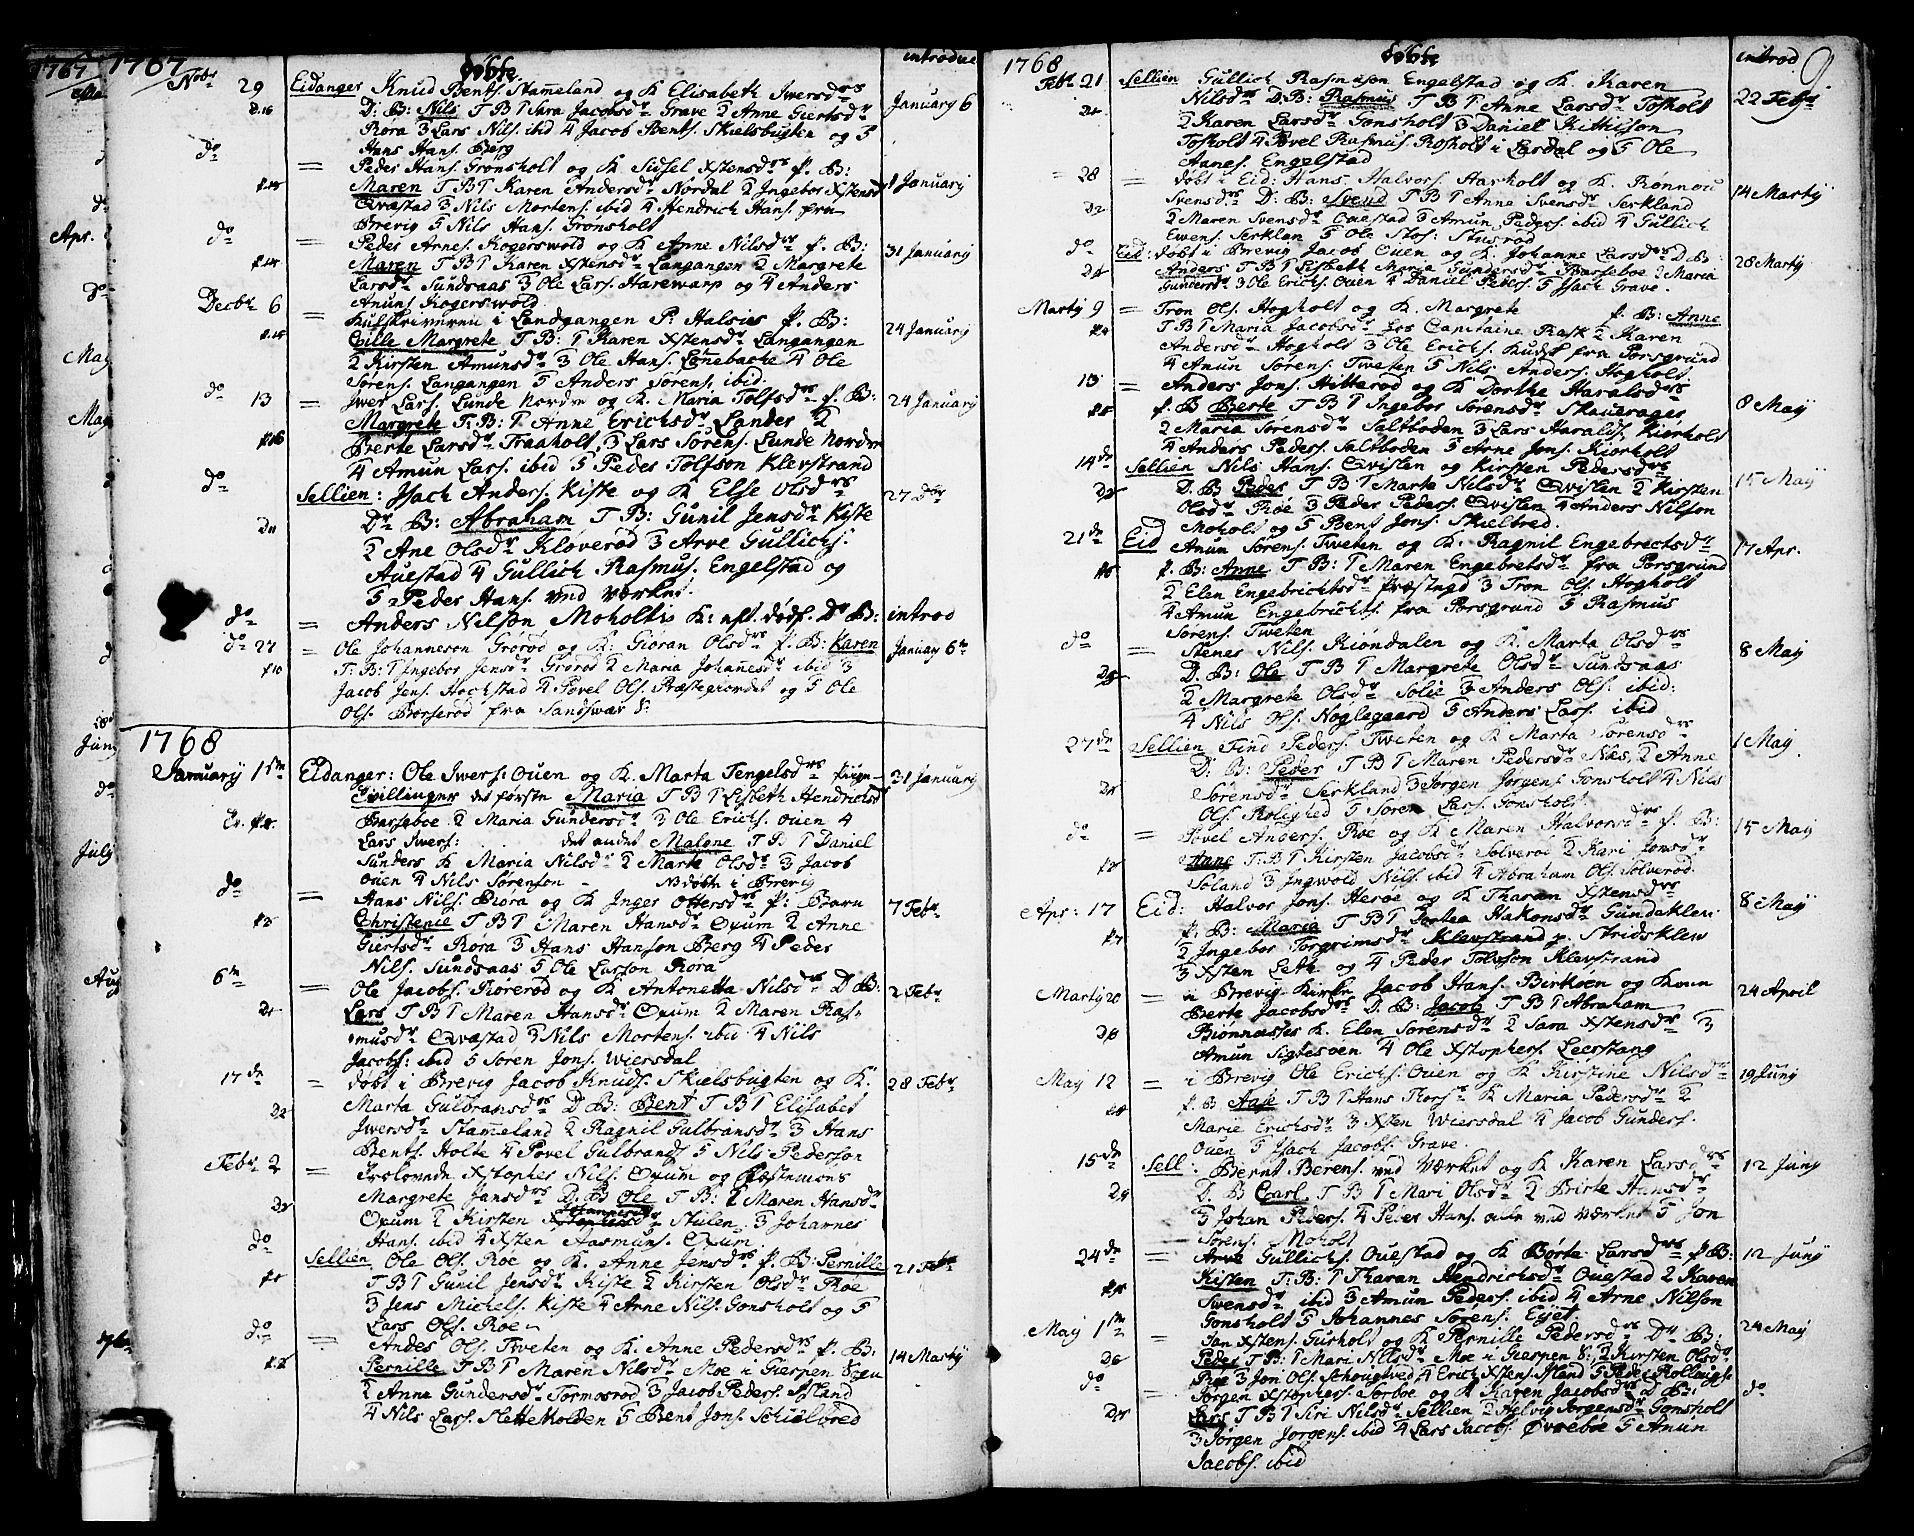 SAKO, Eidanger kirkebøker, F/Fa/L0006: Ministerialbok nr. 6, 1764-1814, s. 9